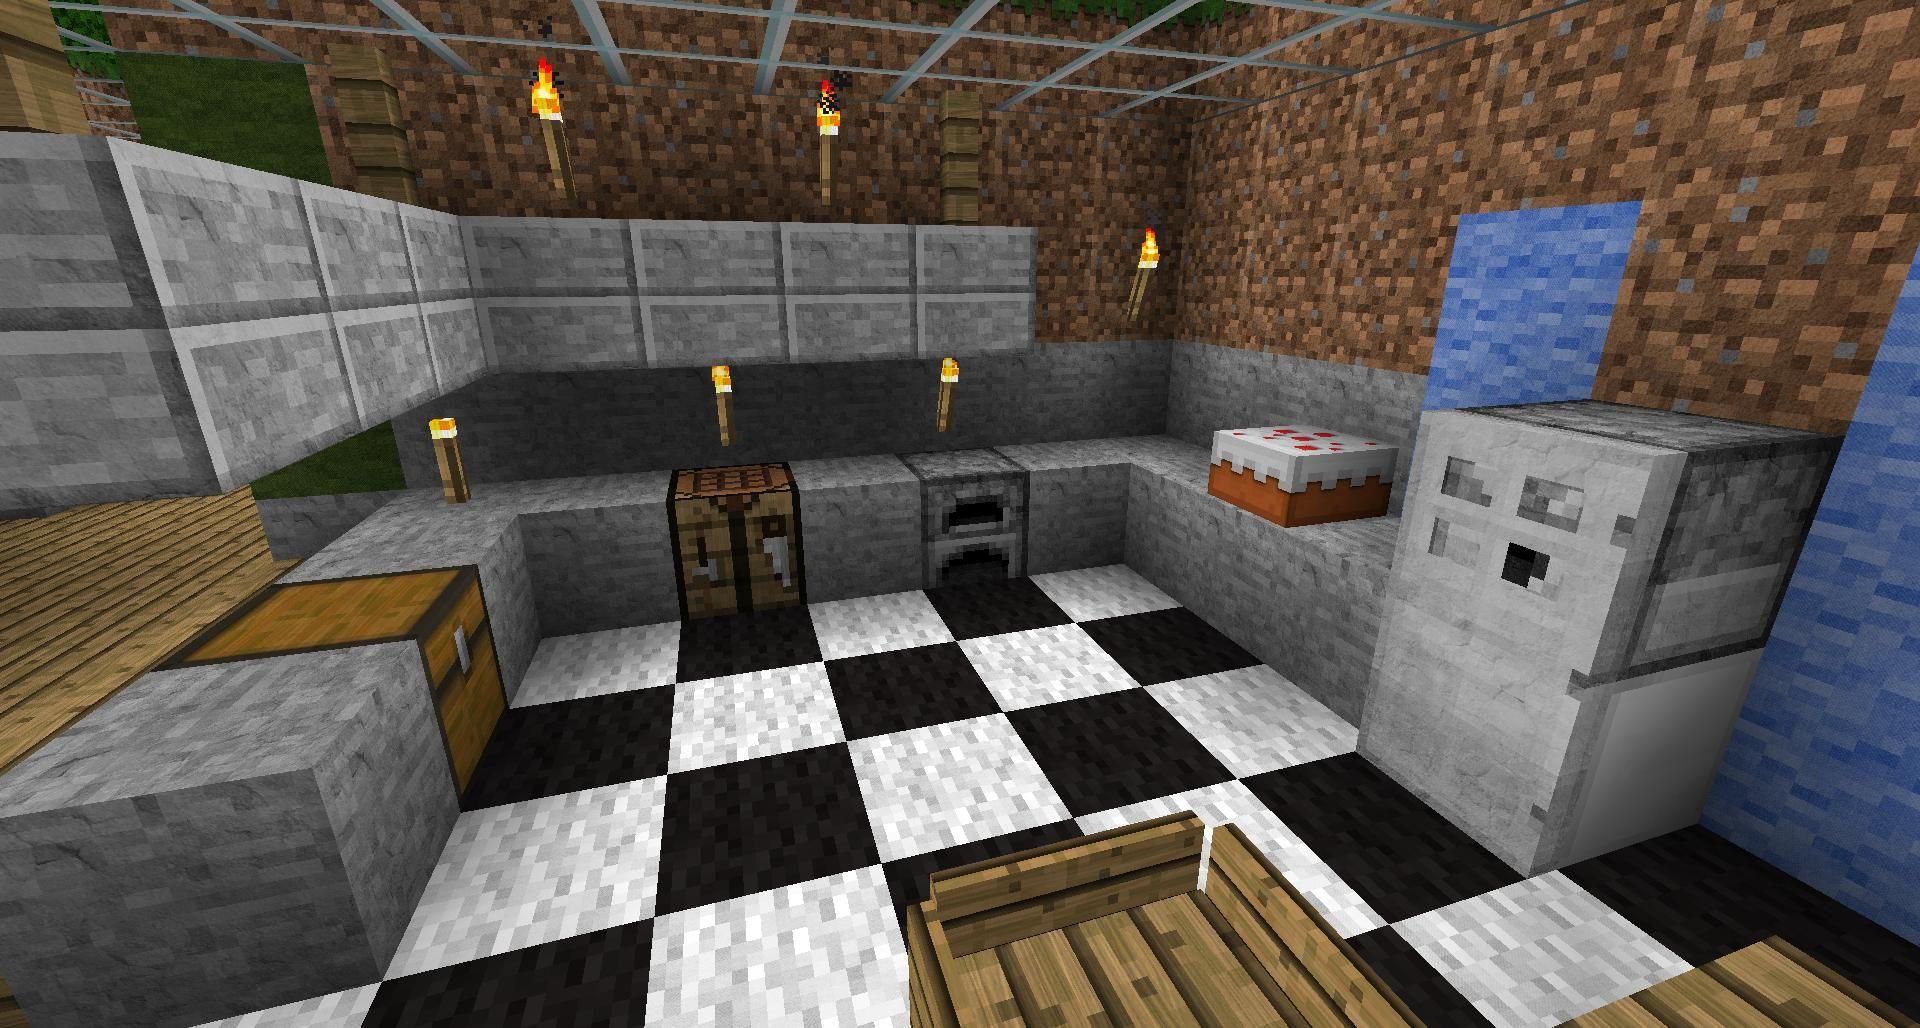 Kitchen Designs Survival Mode Minecraft Discussion Minecraft Forum Minecraft Kitchen Ideas Living Room In Minecraft Minecraft Room